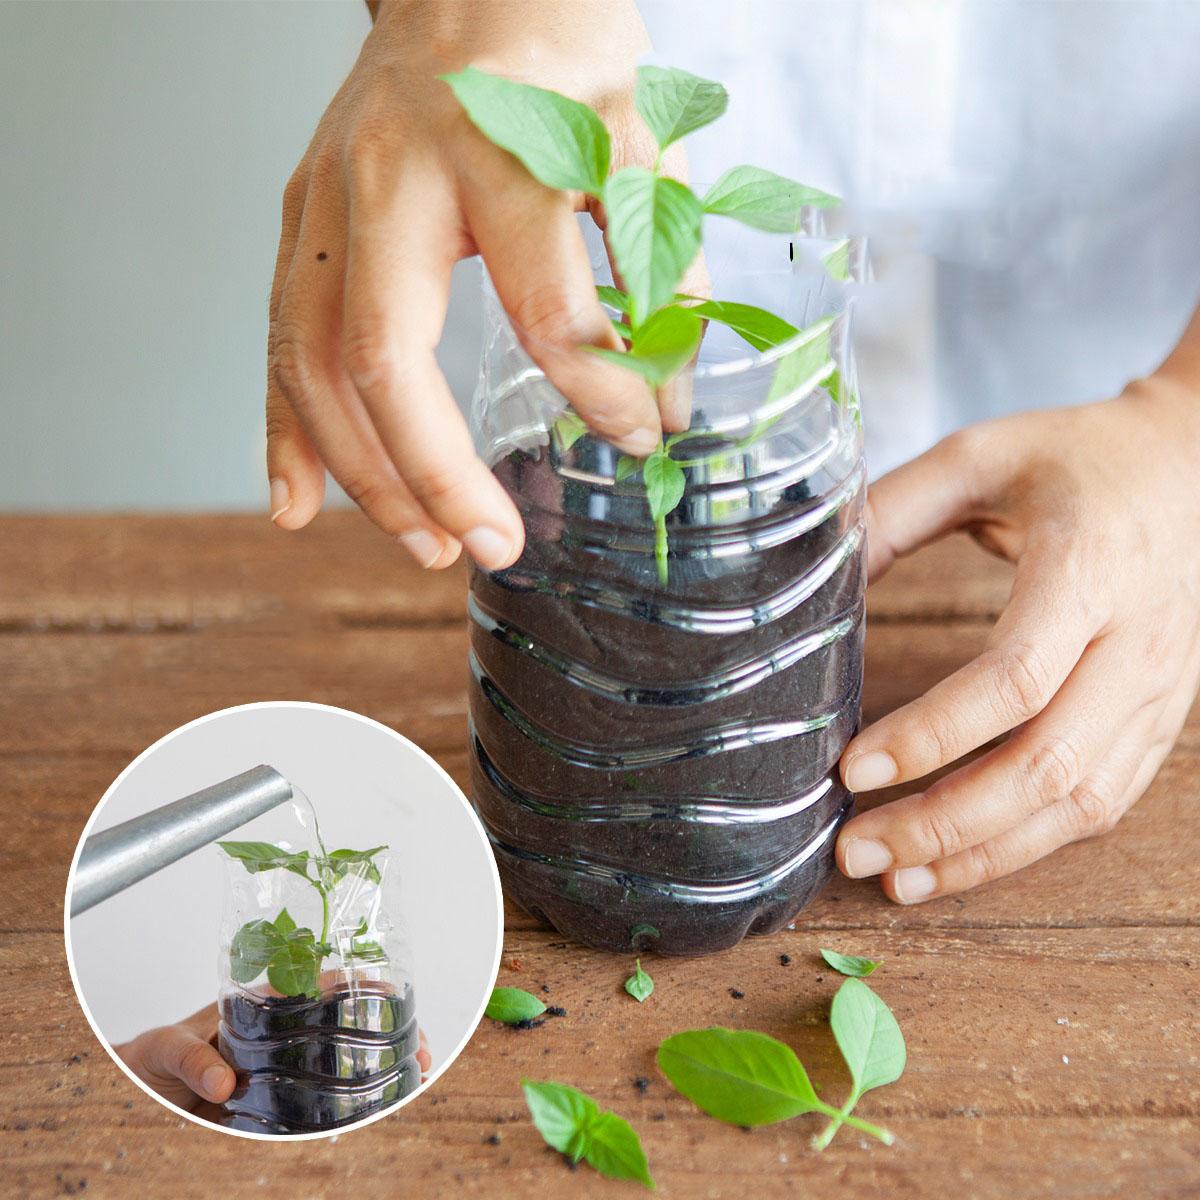 Cắt rau bỏ trong chai nhựa, cách làm đơn giản nhưng thu hoạch rau nhiều bất ngờ - Ảnh 7.